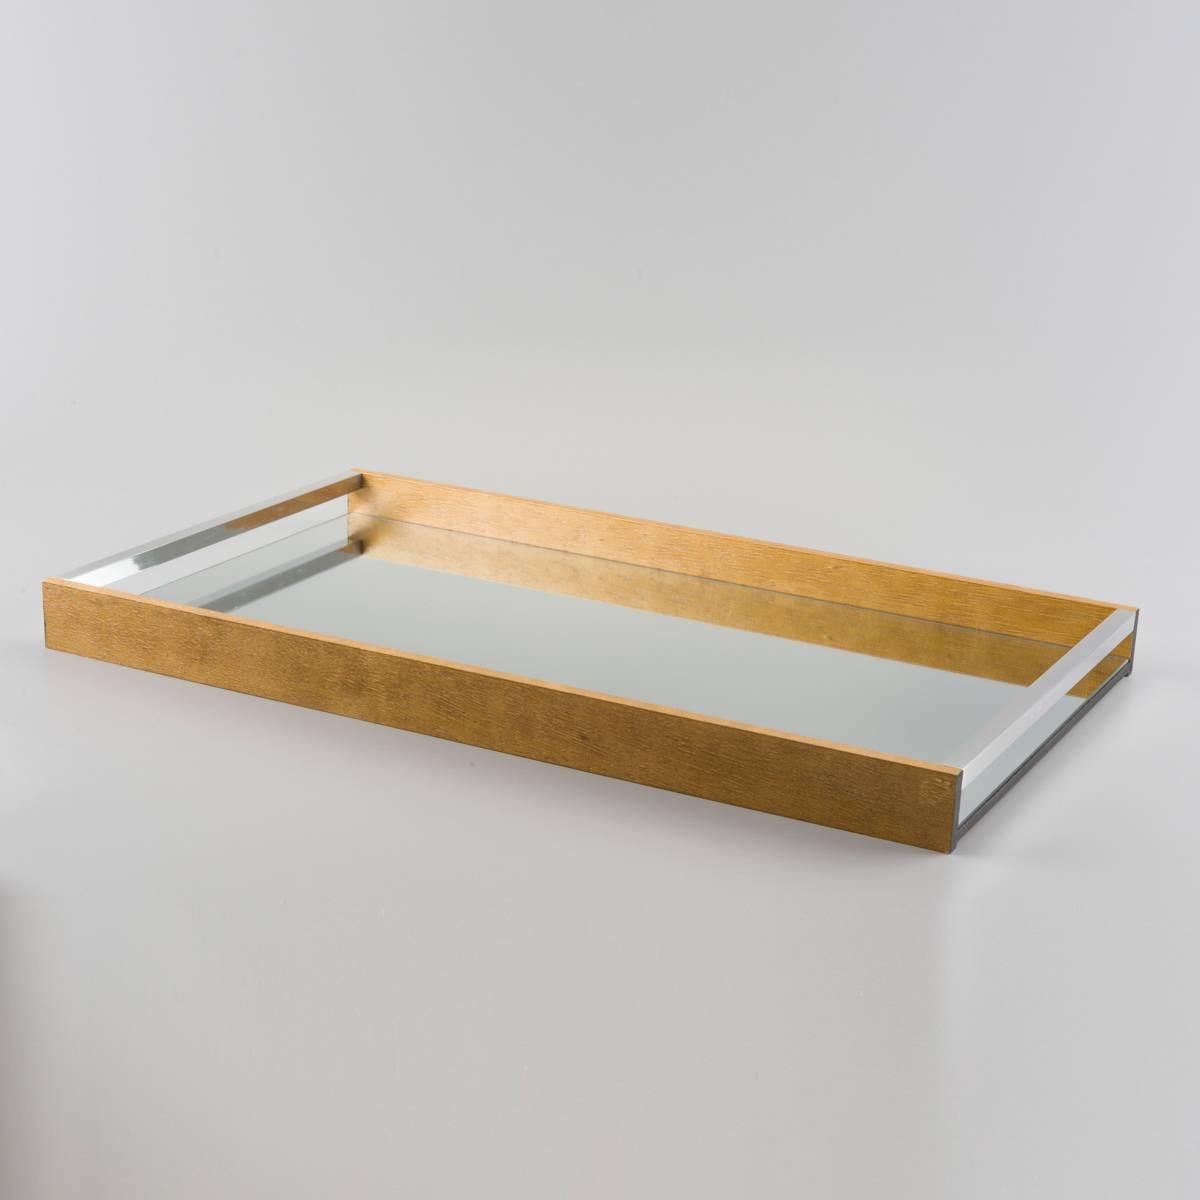 Bandeja Imbuia Grande - com Fundo Espelhado - em Madeira - Woodart - 60x35 cm